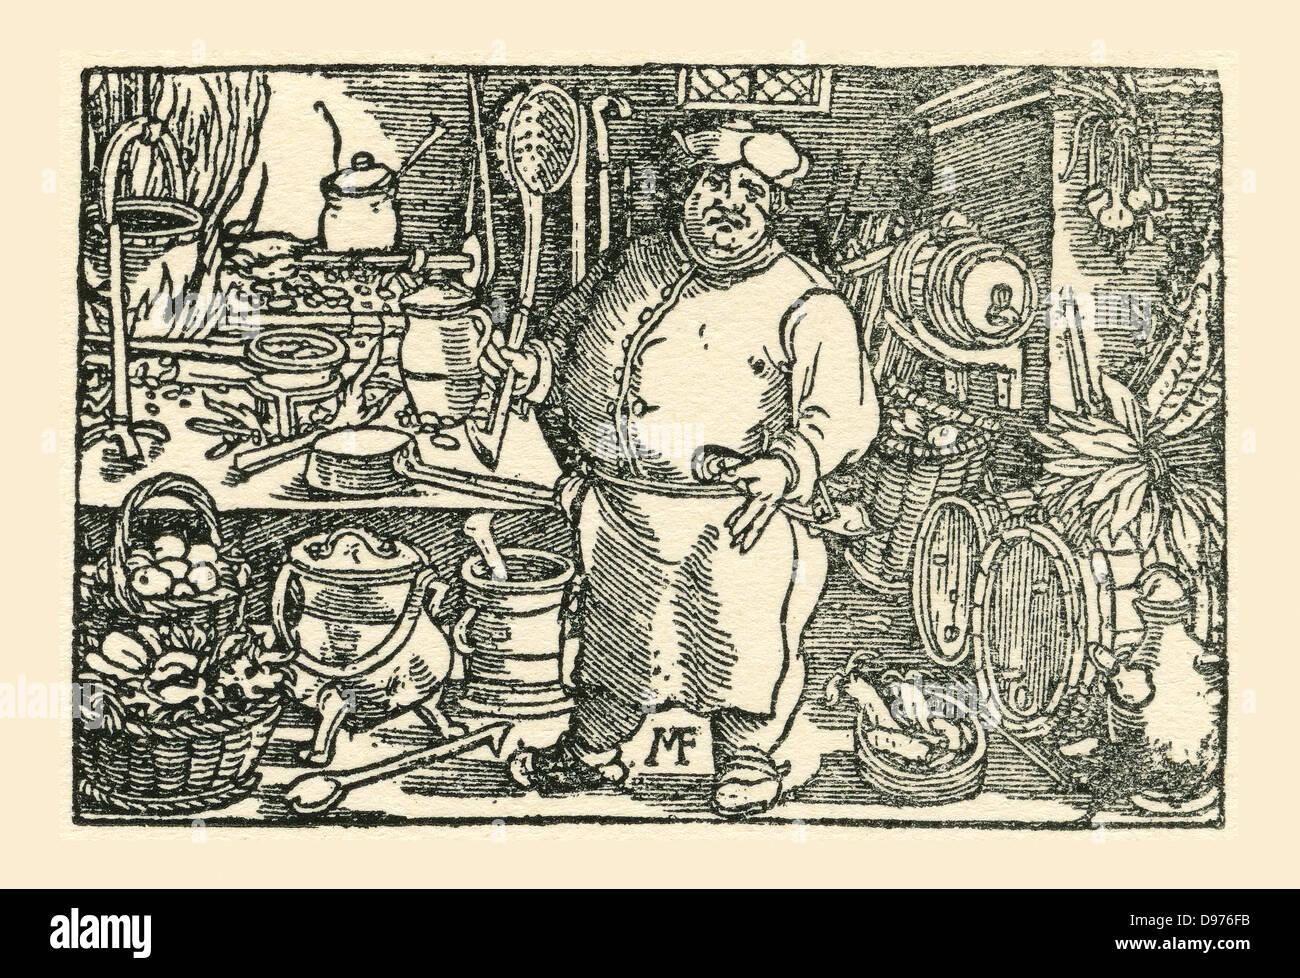 Ein Koch aus der Tudor-Zeit in England. Aus einer zeitgenössischen drucken. Stockbild